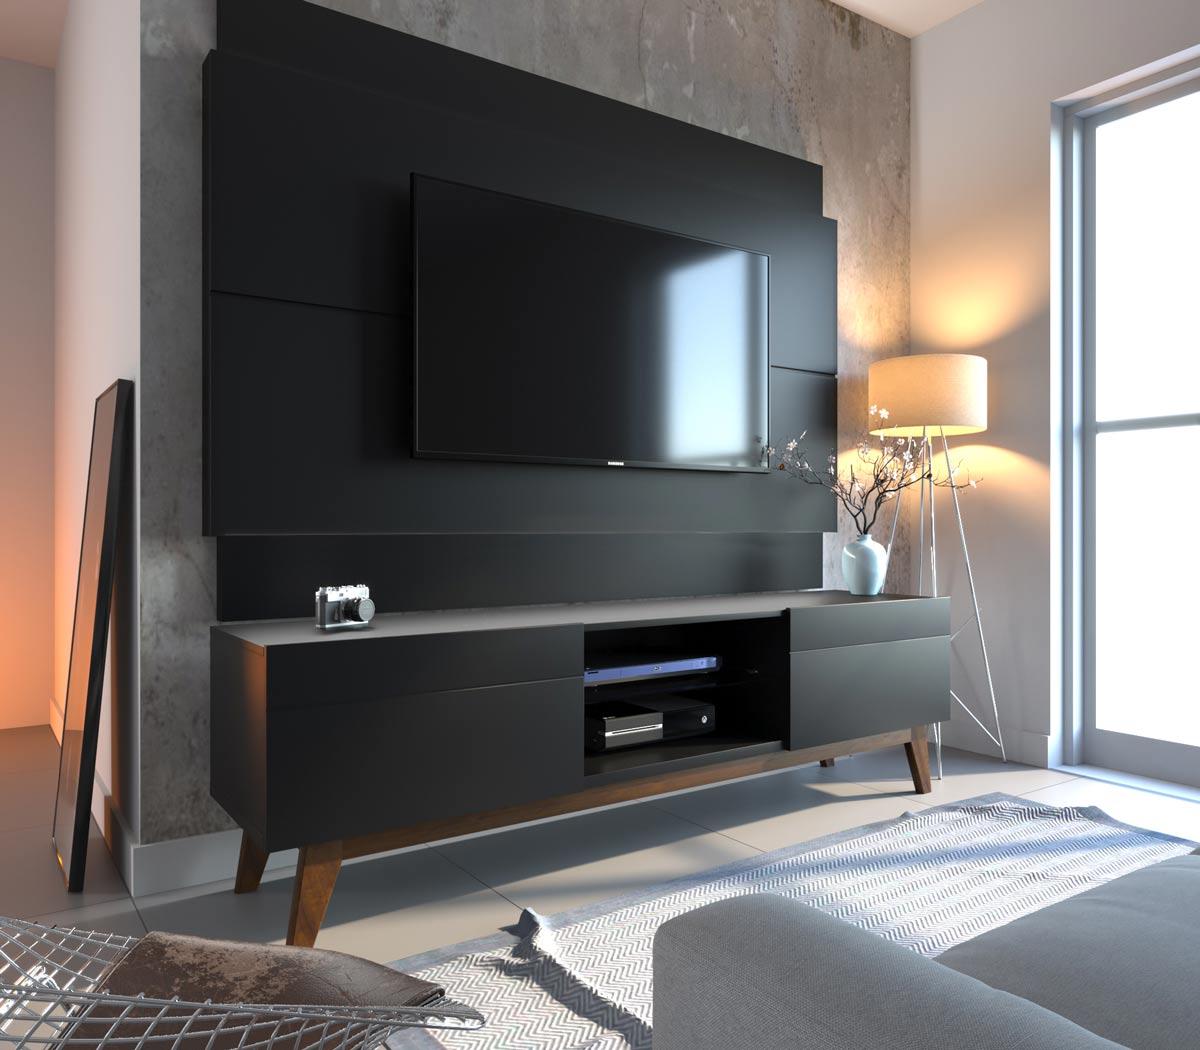 Conjunto Sala de Estar Rack com Painel 1.8 Sem Led + Buffet Preto - Imcal Móveis